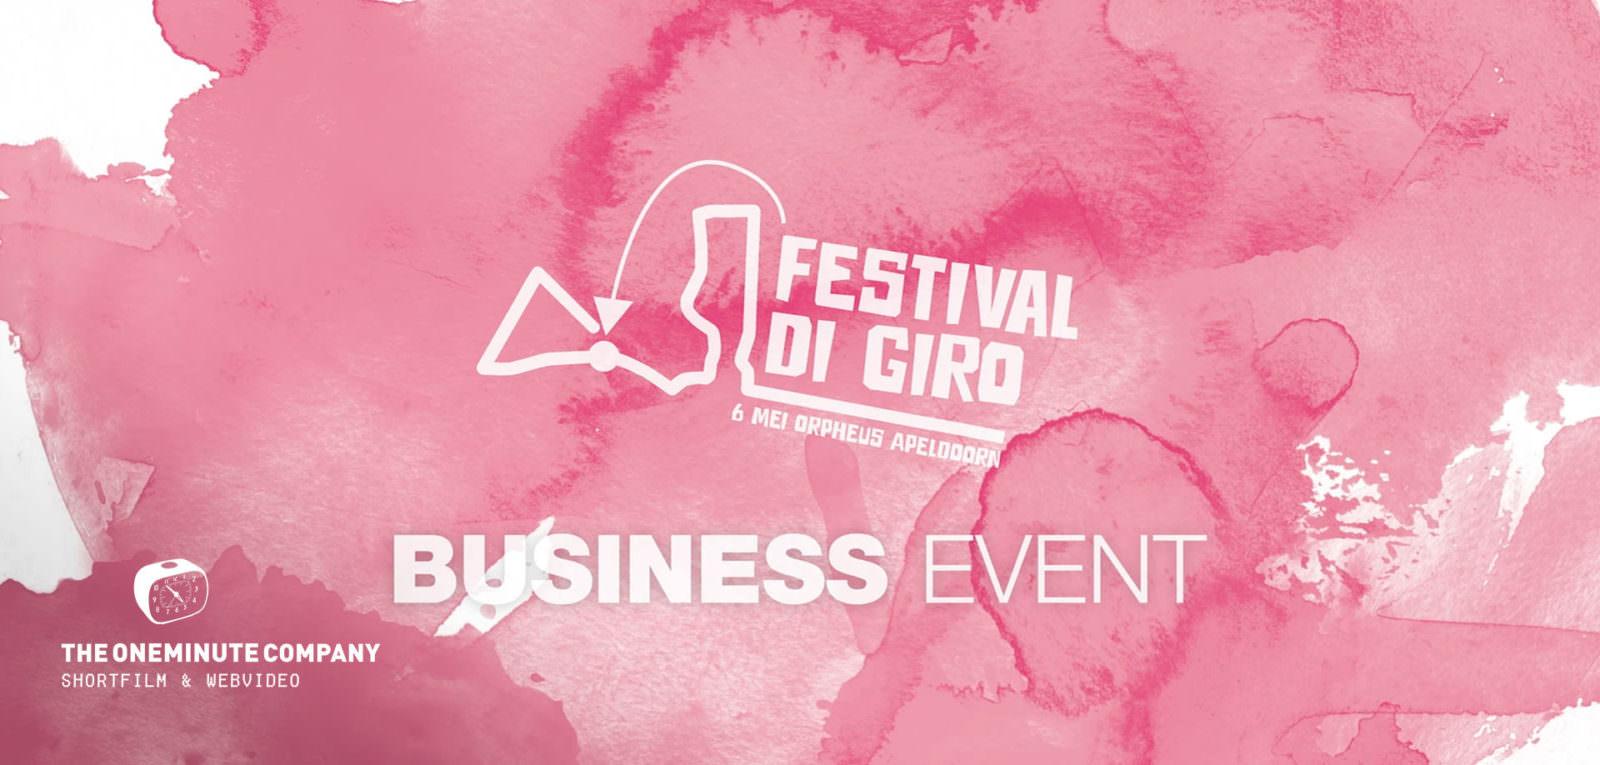 Event Promo - Giro d'Italia VIP event - Theater Orpheus Apeldoorn